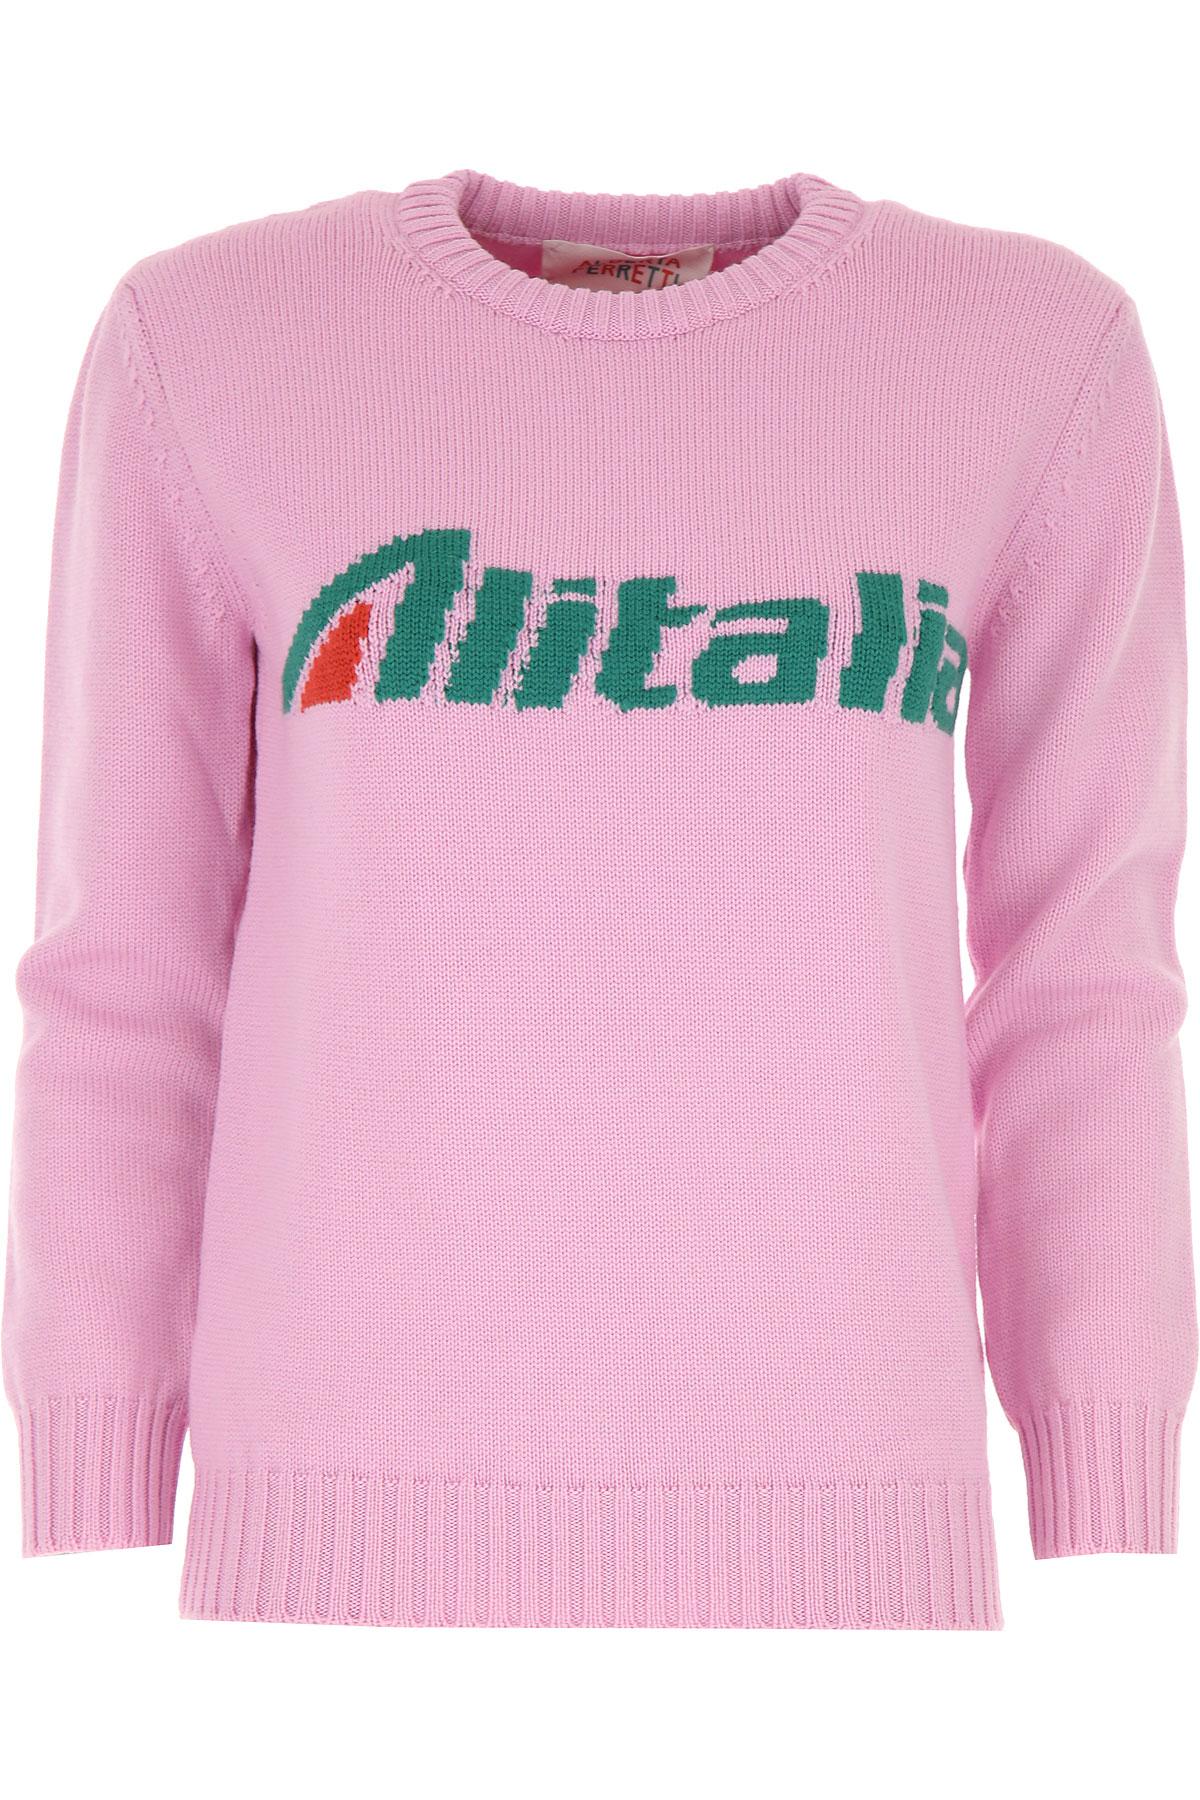 Alberta Ferretti Sweater for Women Jumper On Sale, Pink, Virgin wool, 2019, 2 4 6